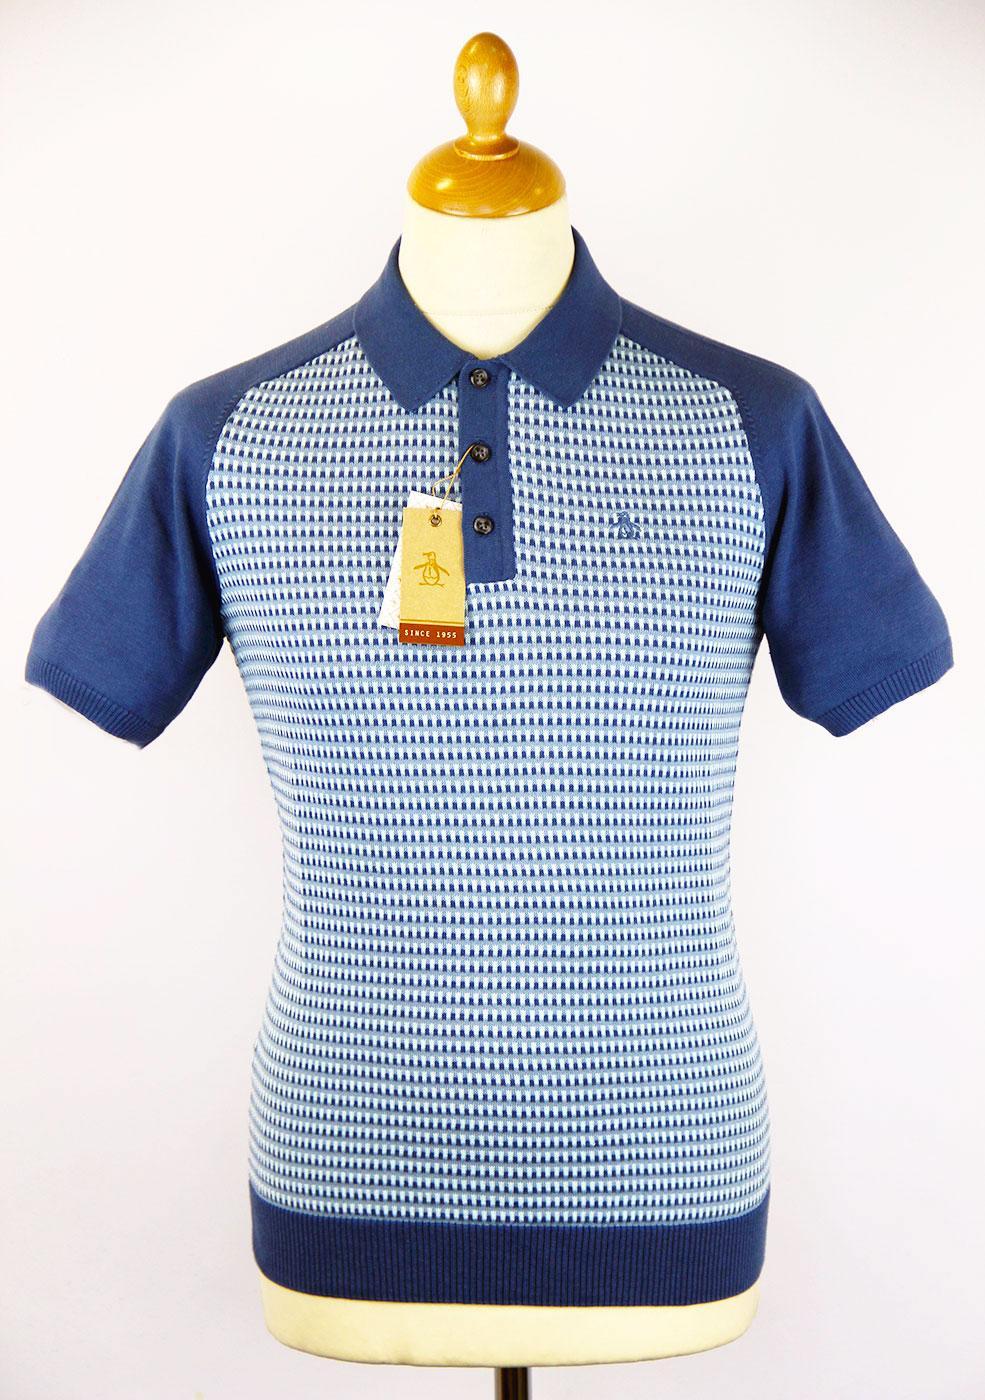 12e94797 ORIGINAL PENGUIN Trink Retro 60s Mod Jacqaurd Knit Polo Shirt